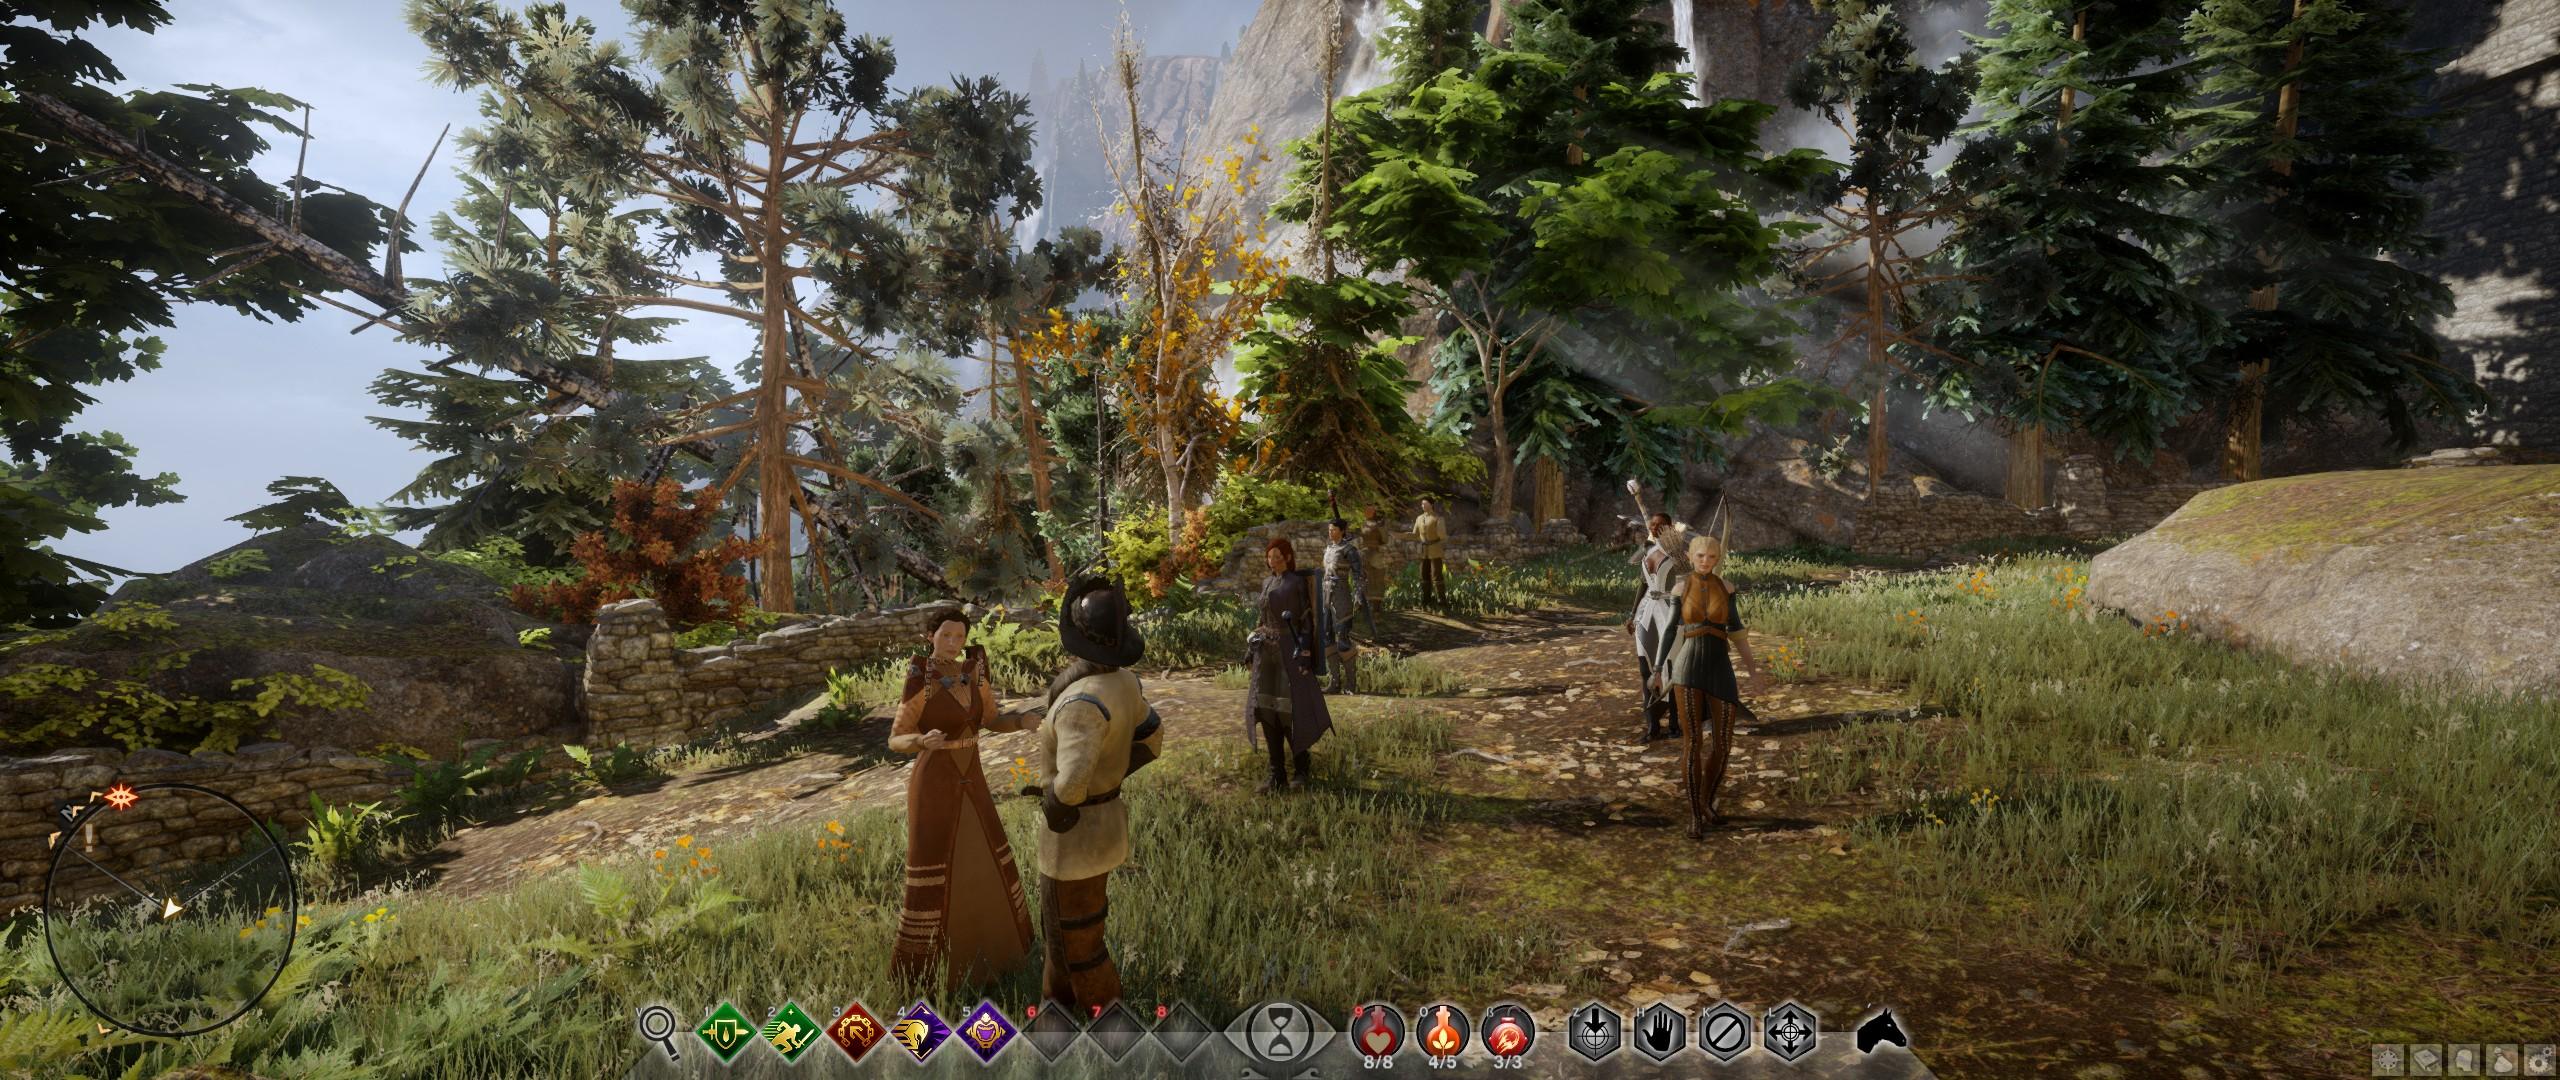 ScreenshotWin32_0018_Final